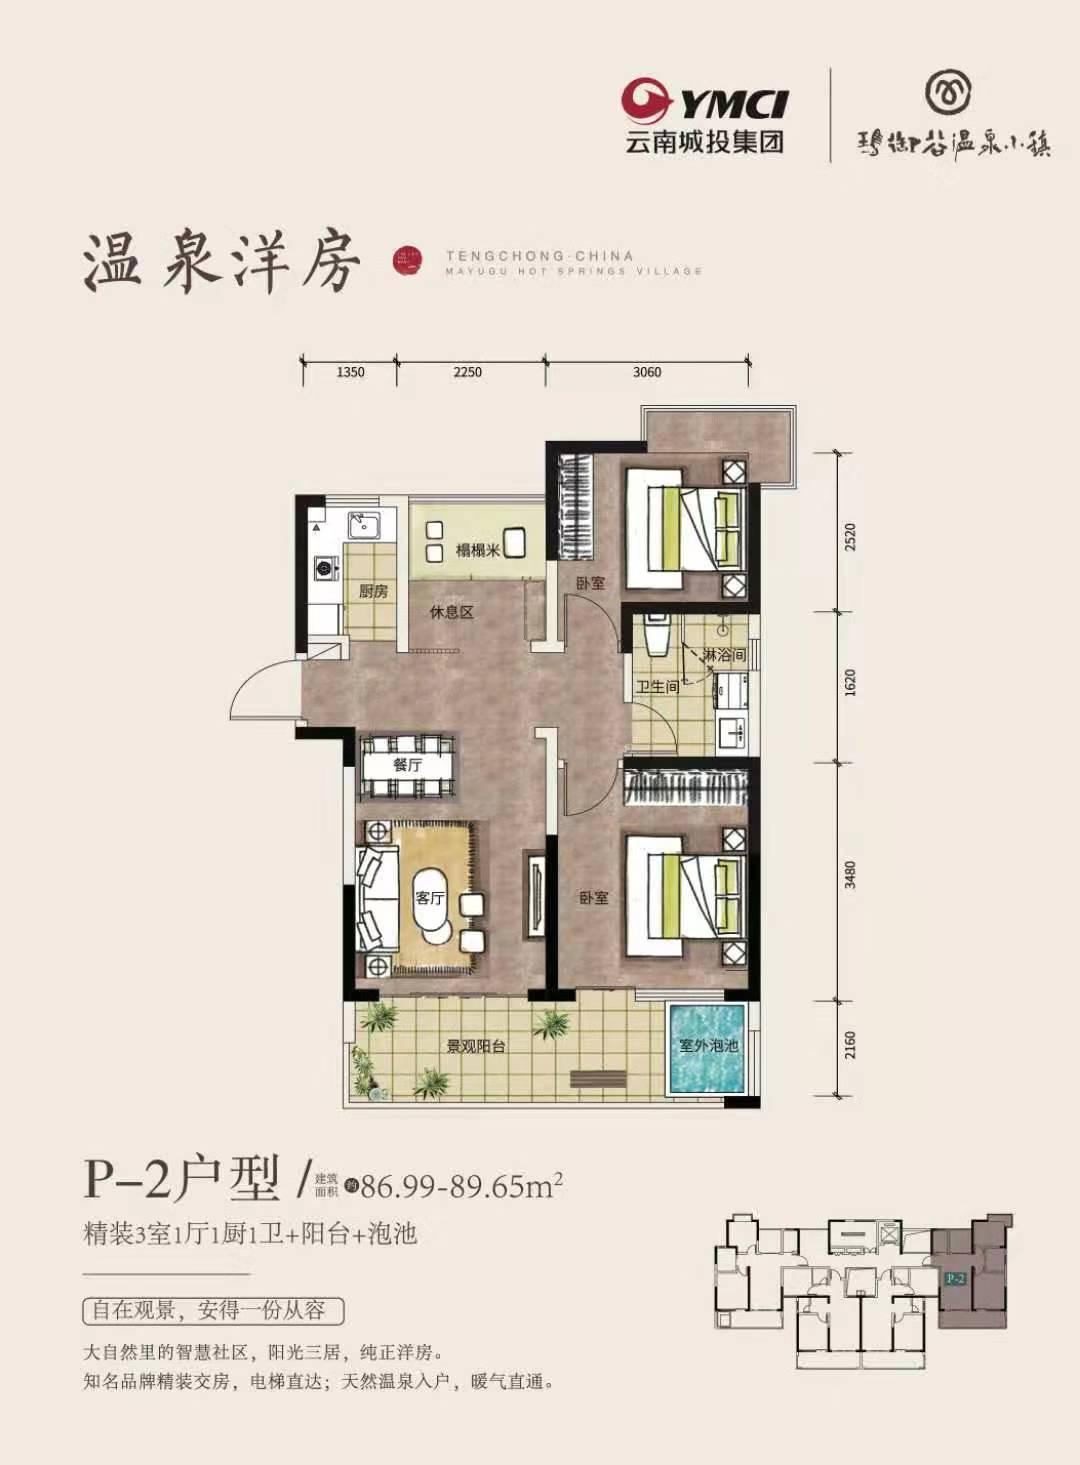 温泉洋房P-2 3室1厅1卫 建面86.99-89.65㎡